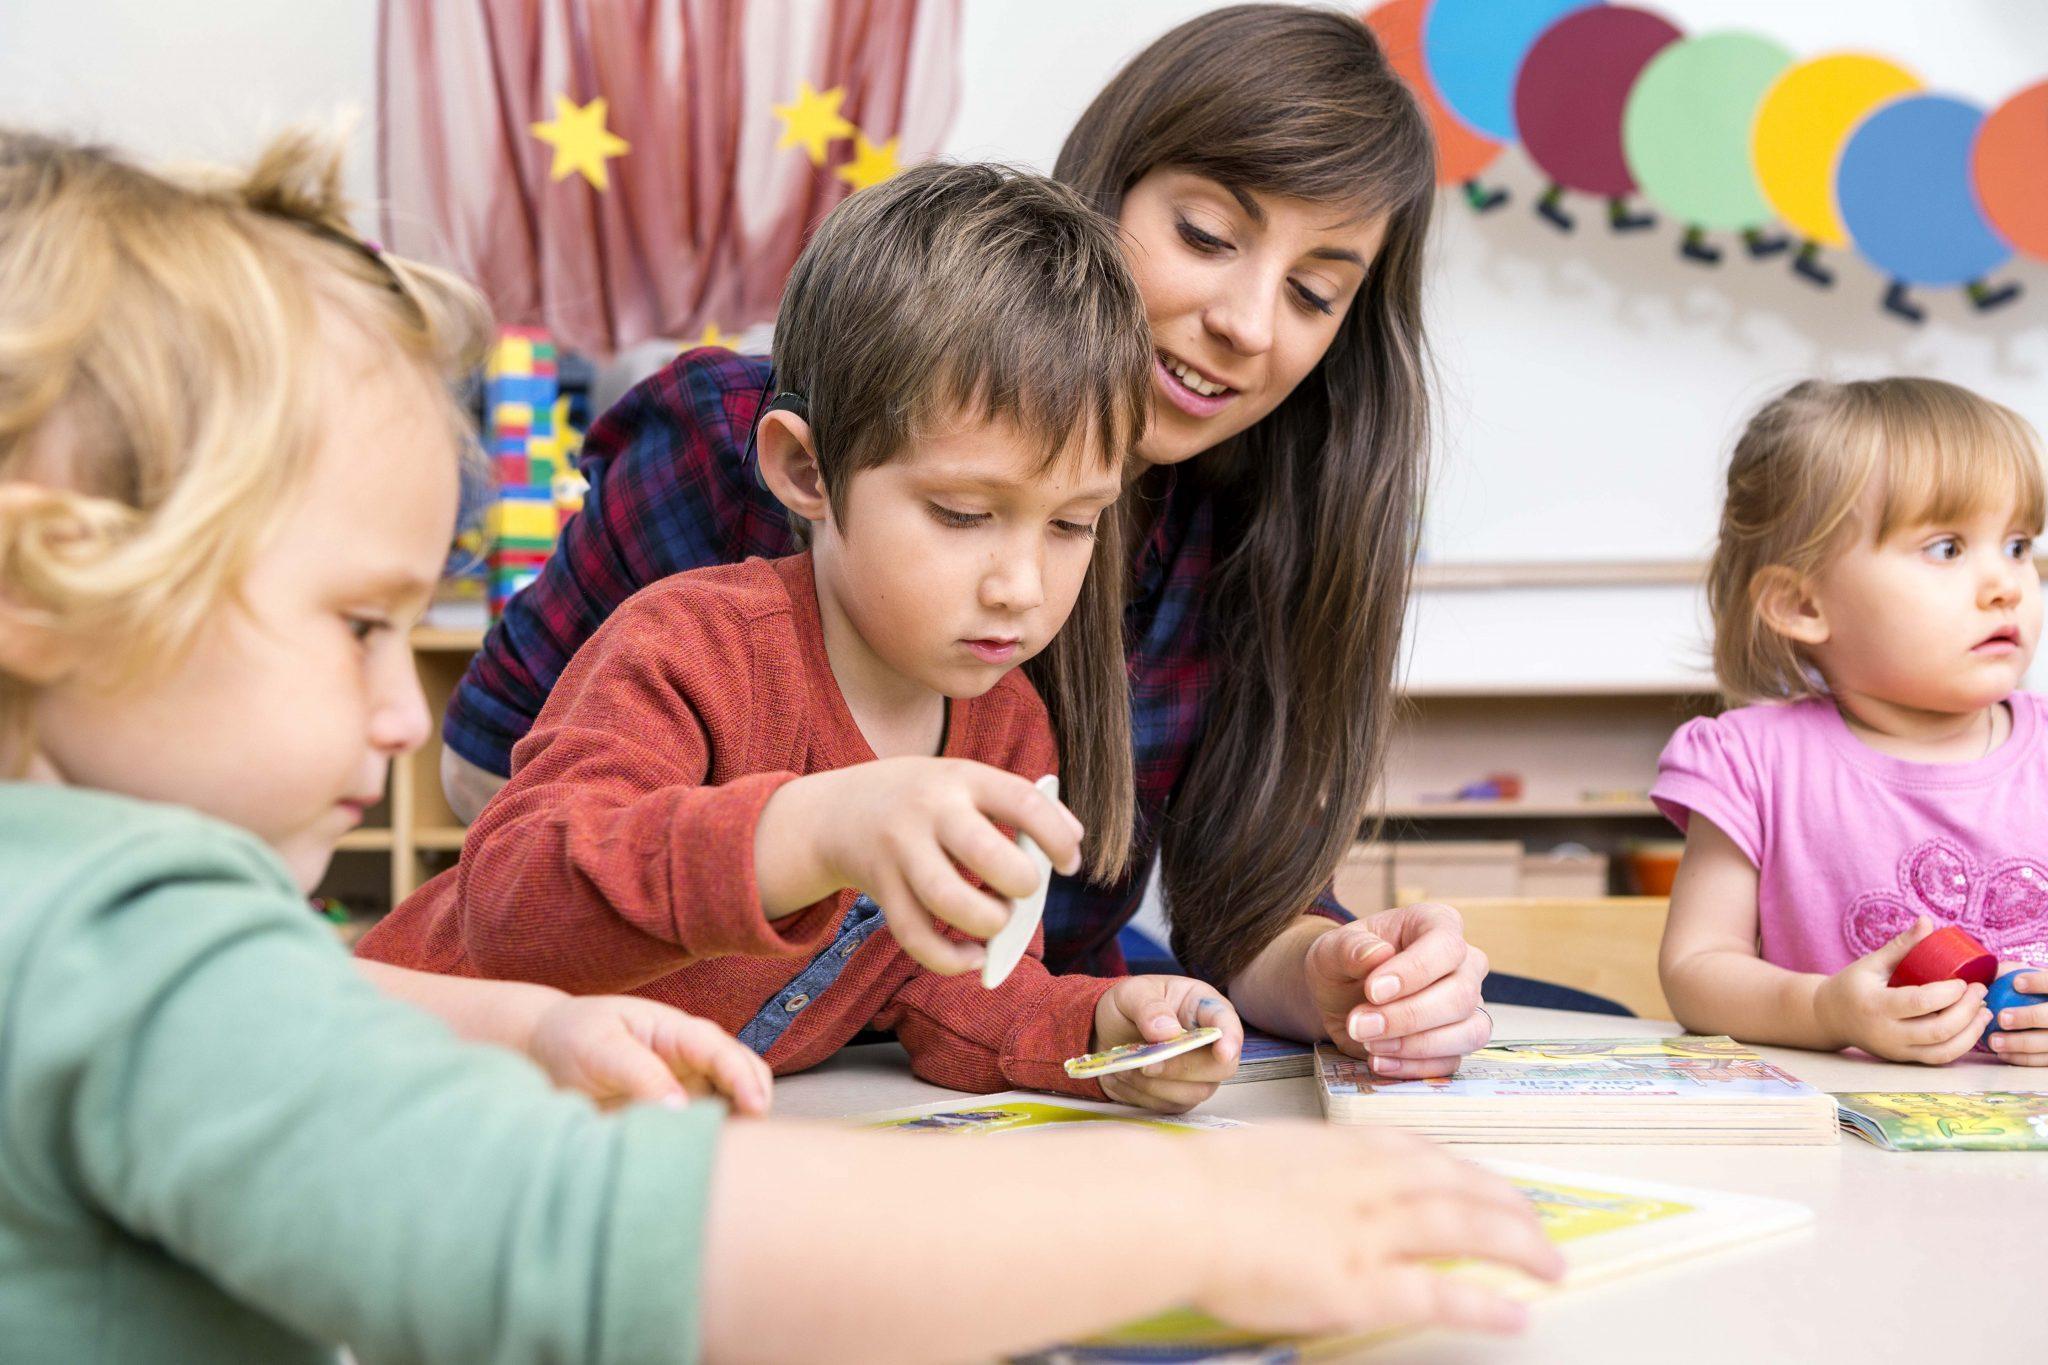 Mendukung Proses Belajar Anak-medel.com